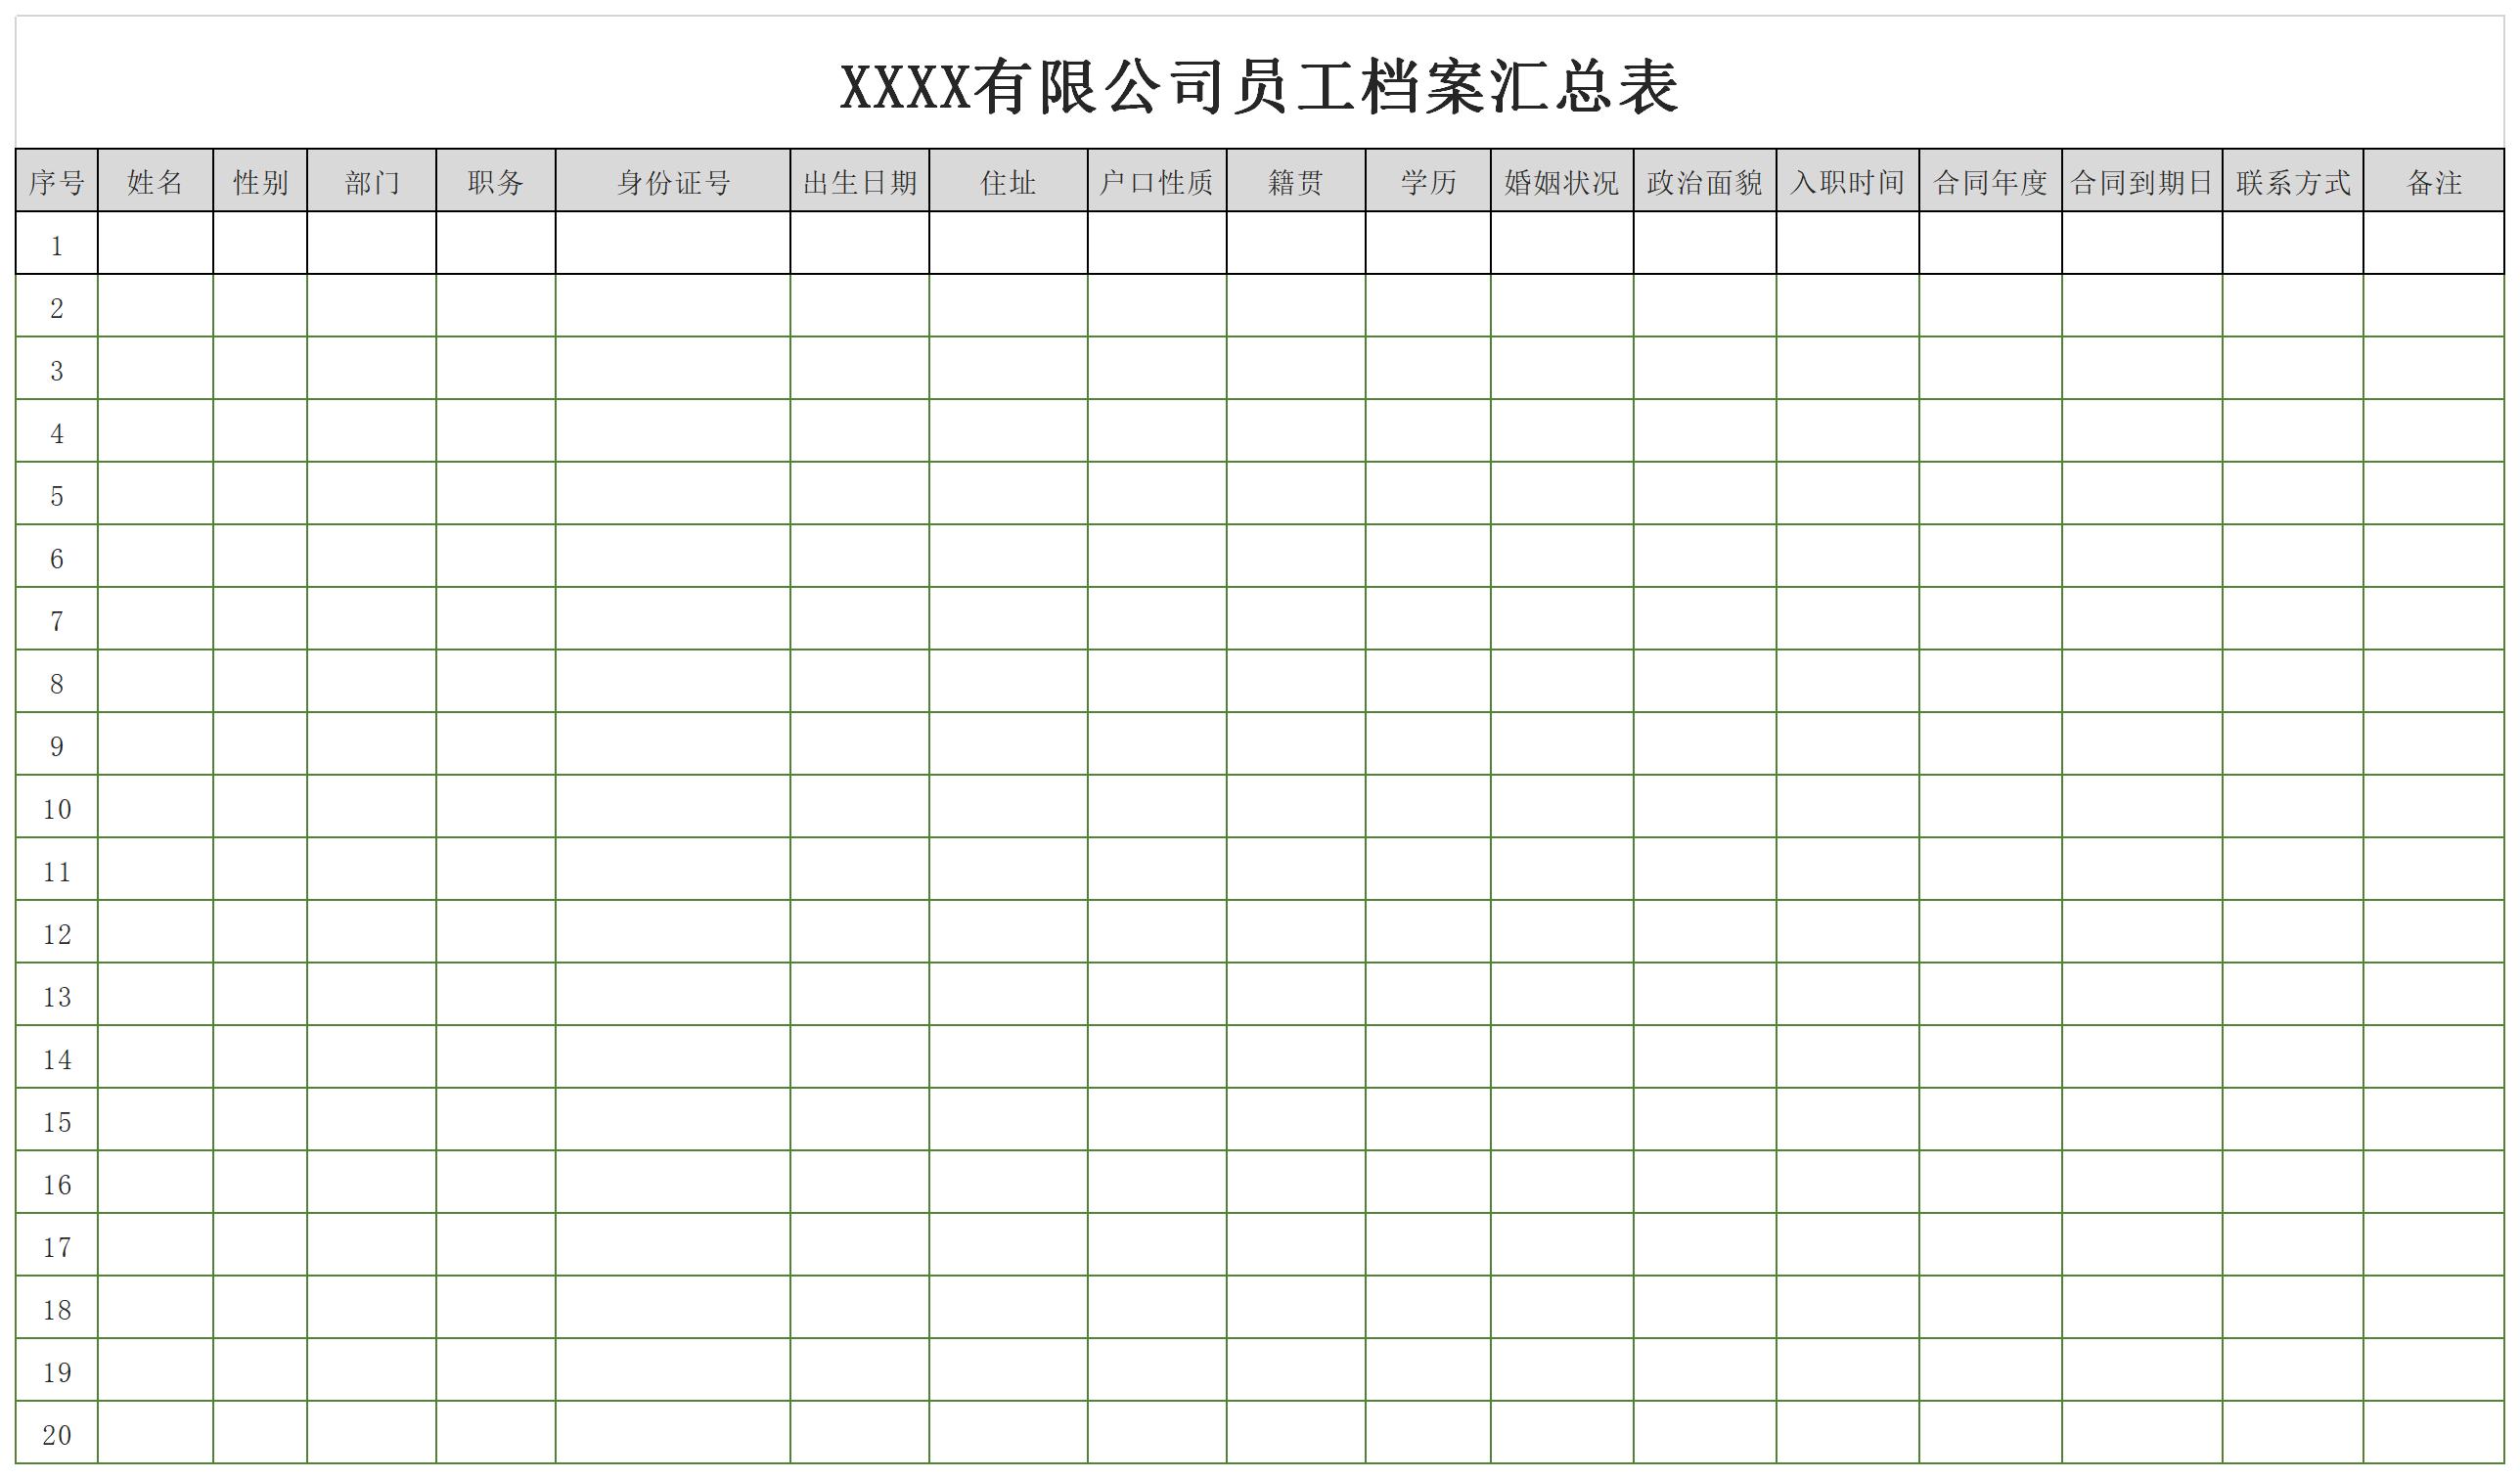 员工档案汇总表截图